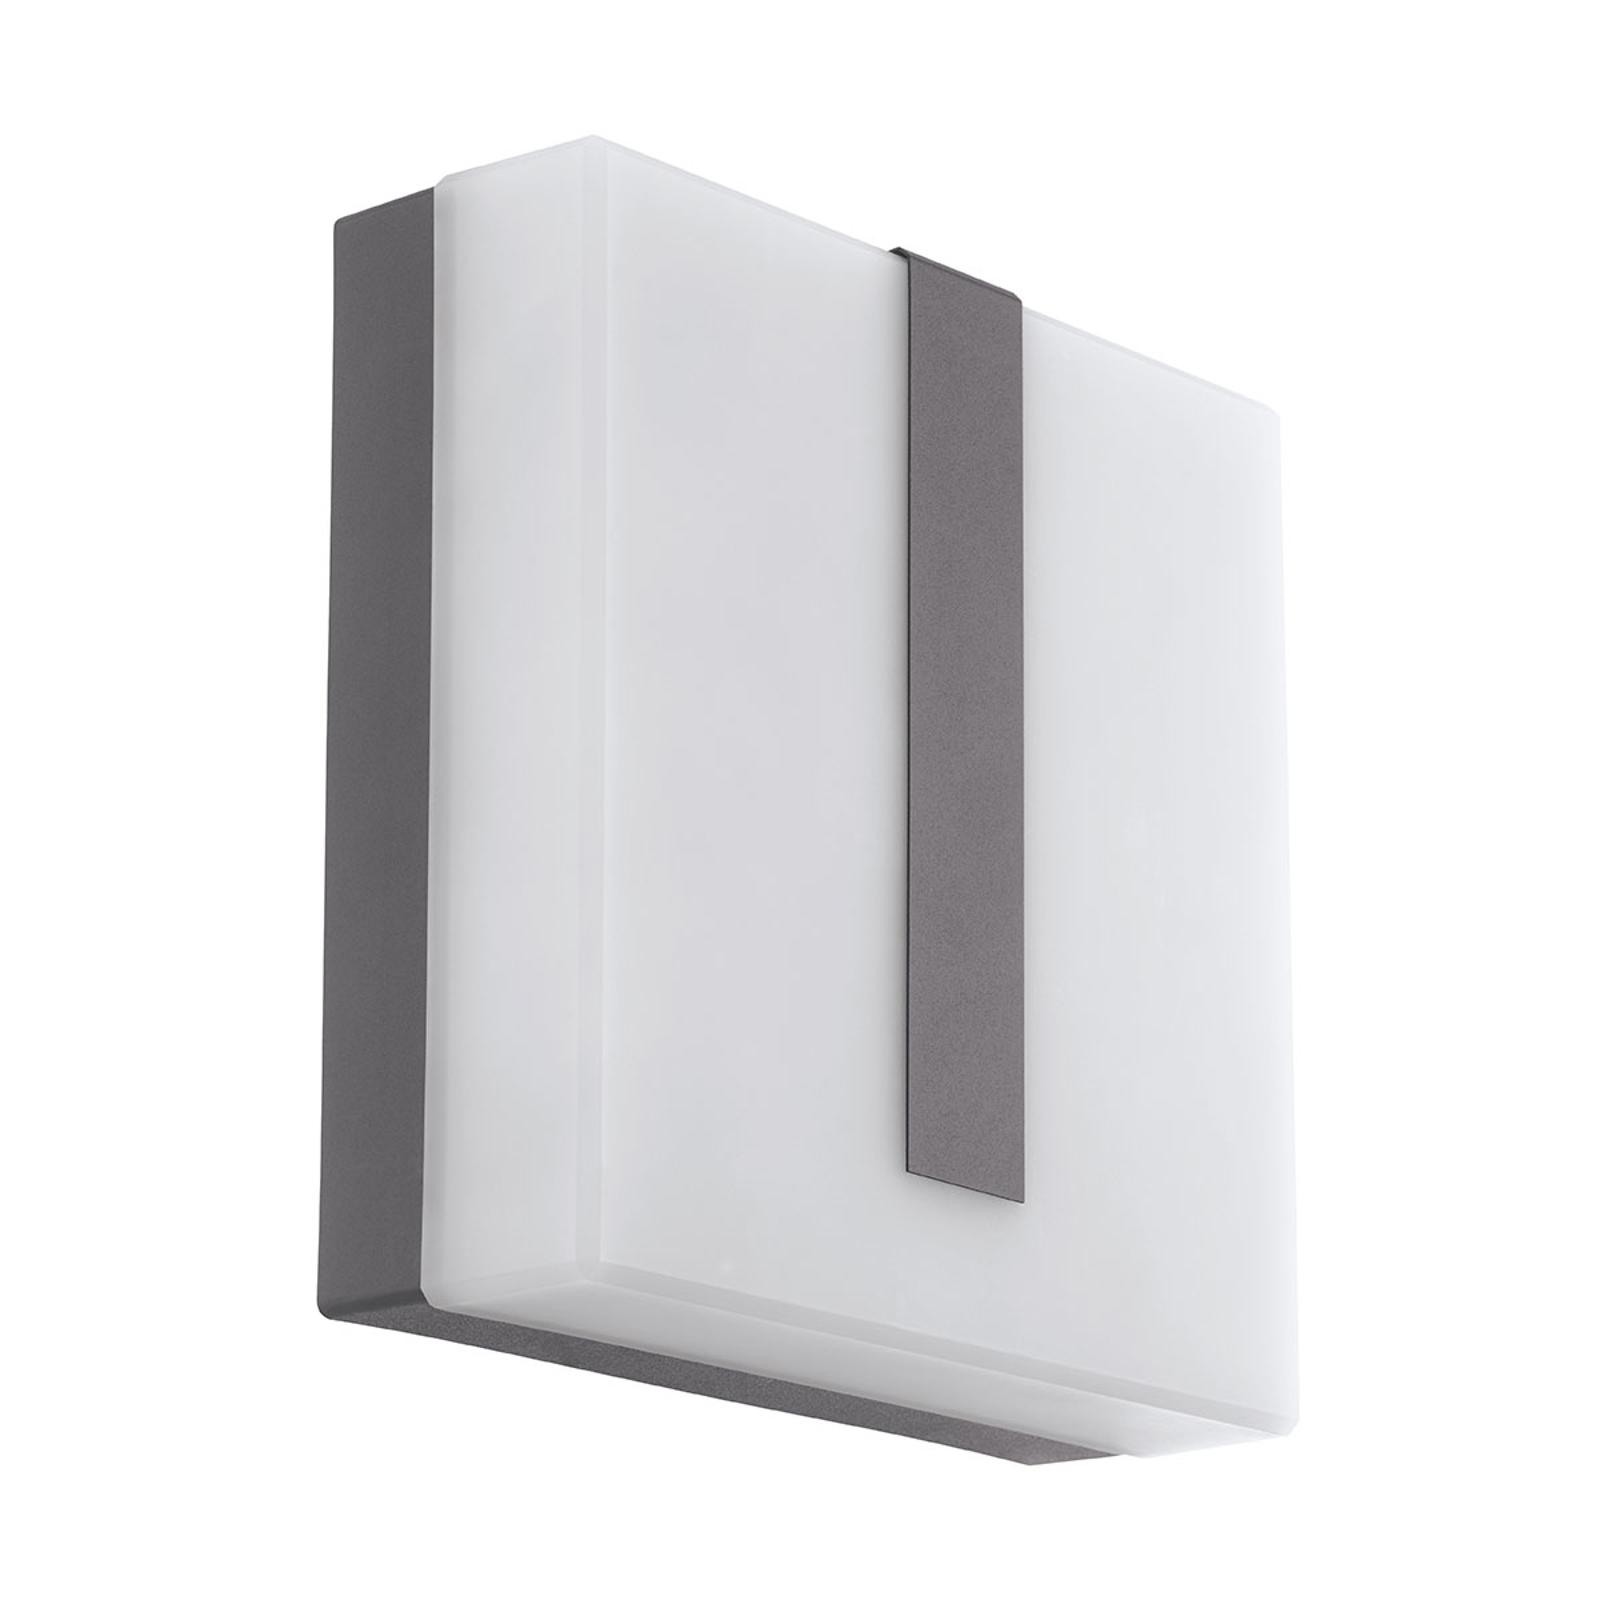 EGLO connect Torazza-C kinkiet zewnętrzny LED